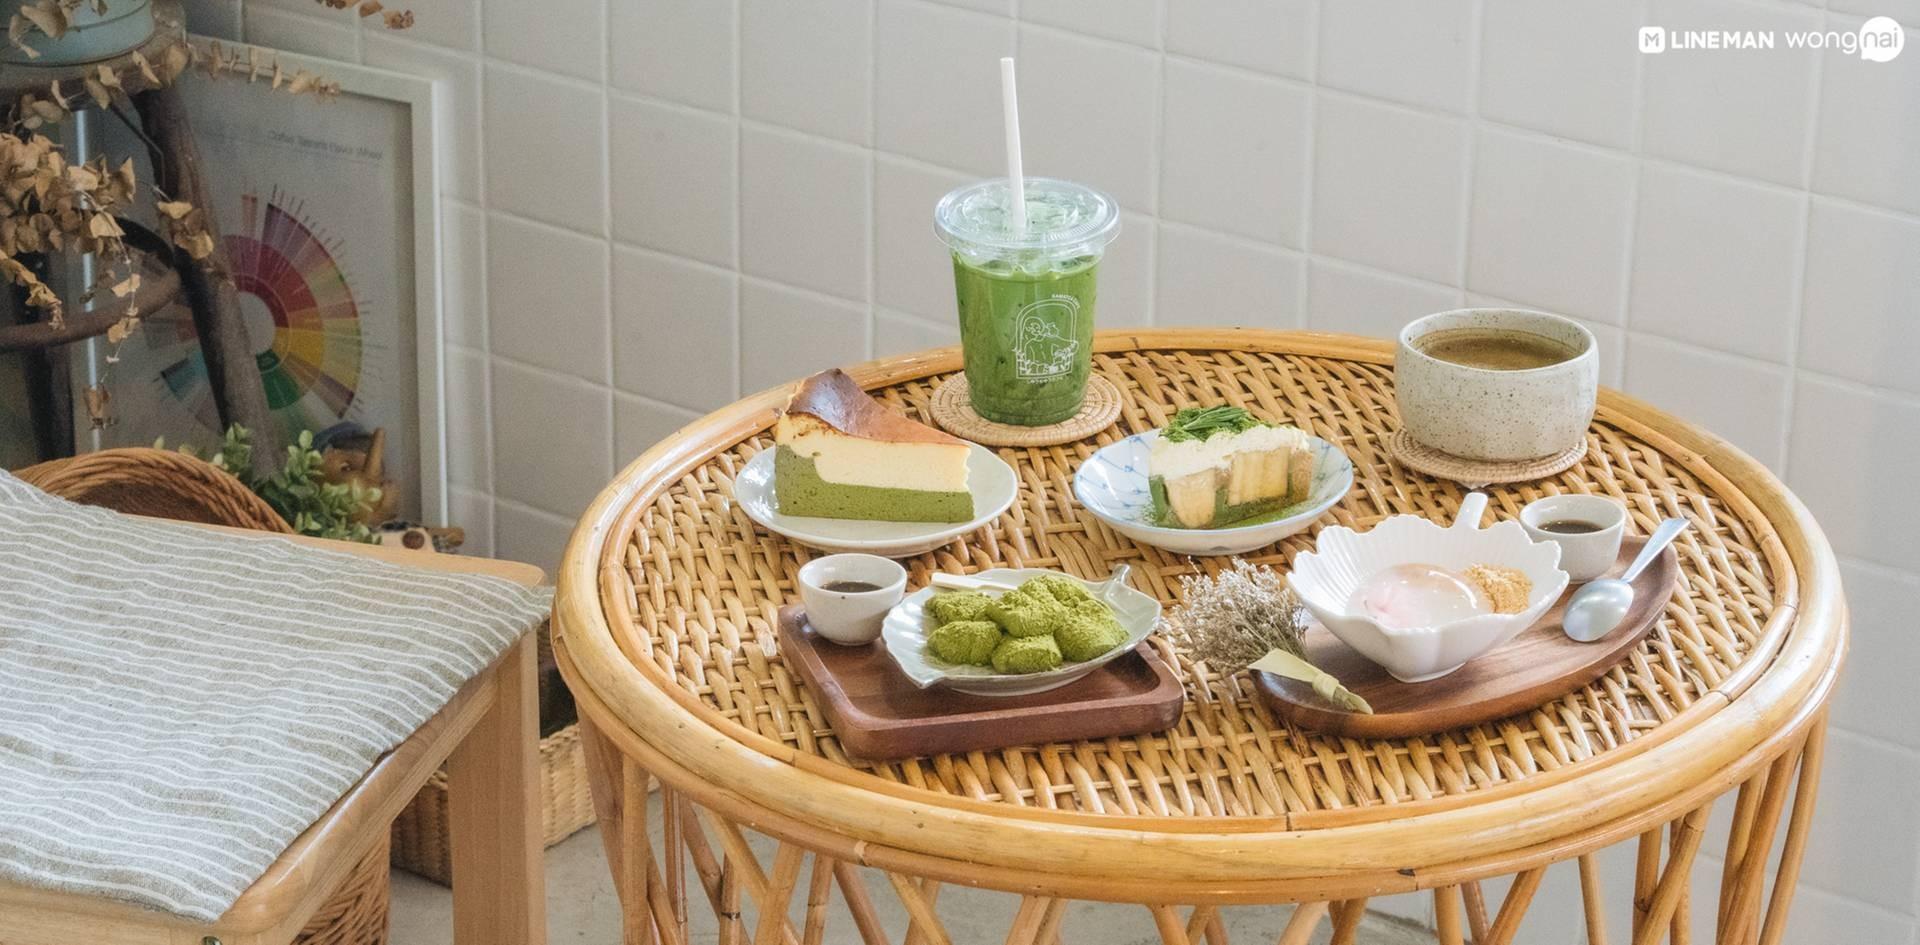 สมาธิ คาเฟ่ Samatea Cafe โรงพยาบาลเมดพาร์ค